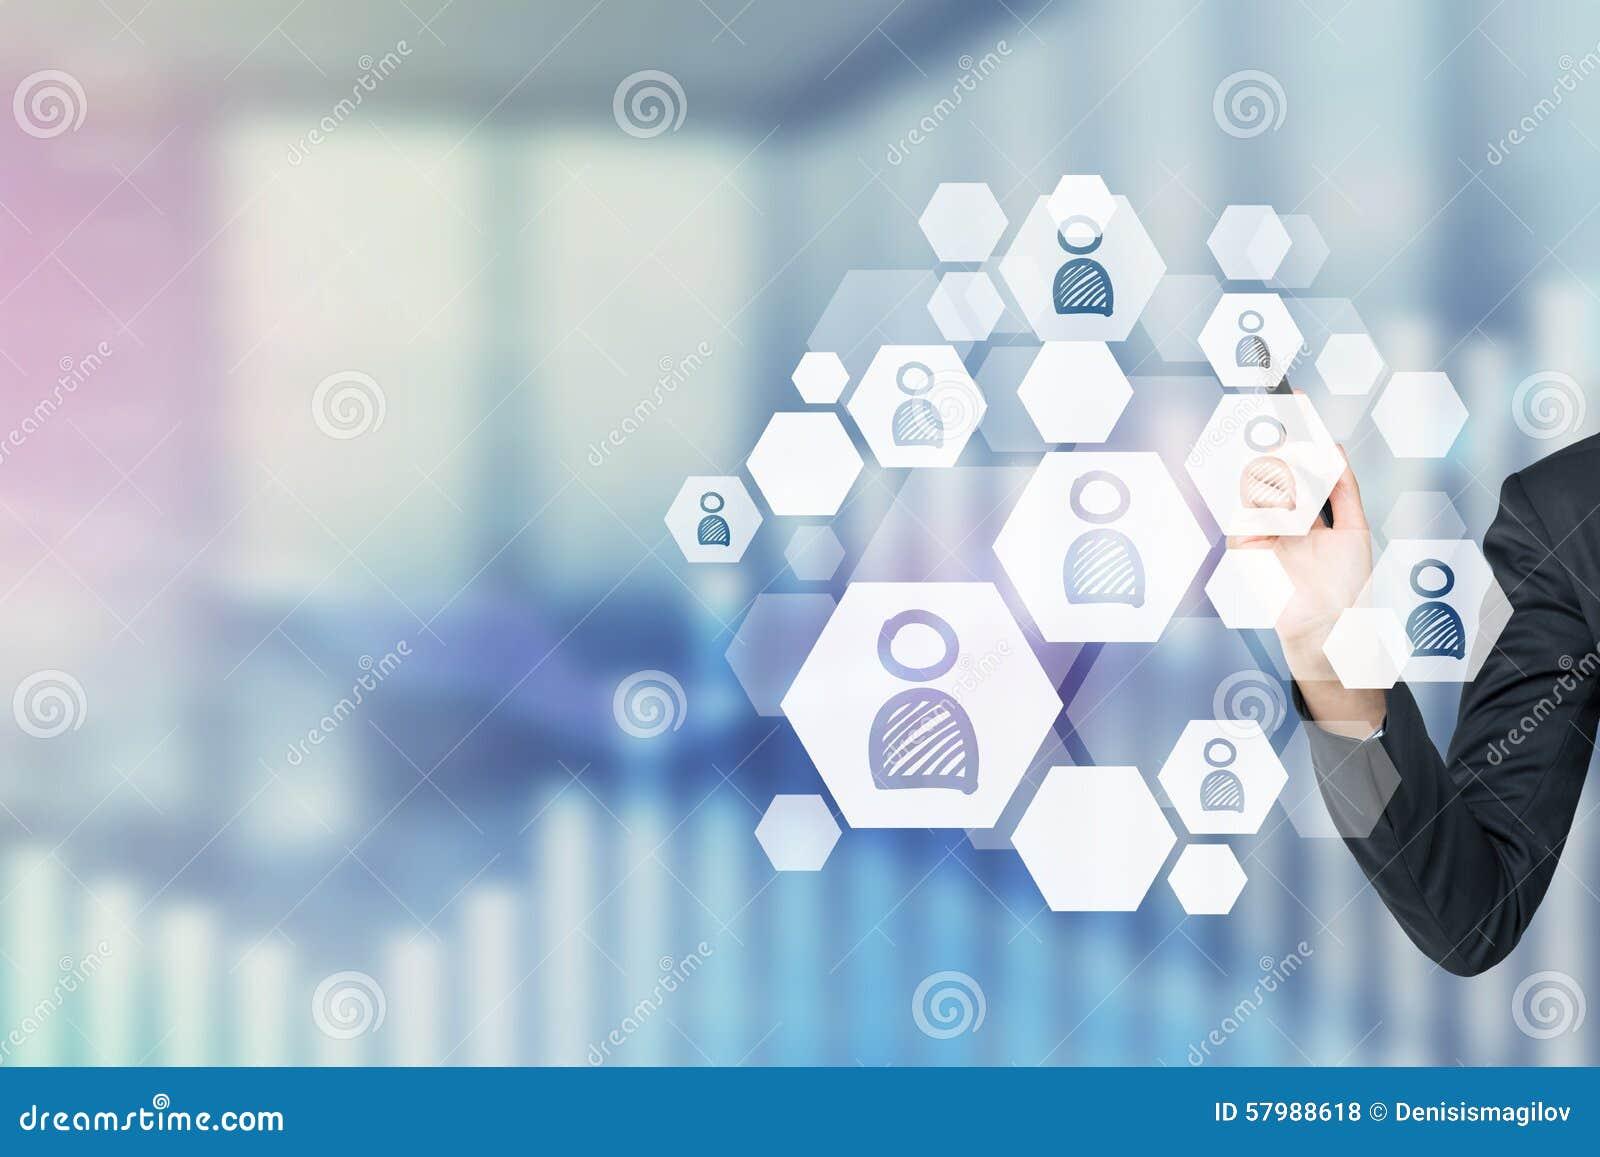 Een concept rekruteringsproces Een hand kiest het juiste pictogram als concept de juiste kandidaat